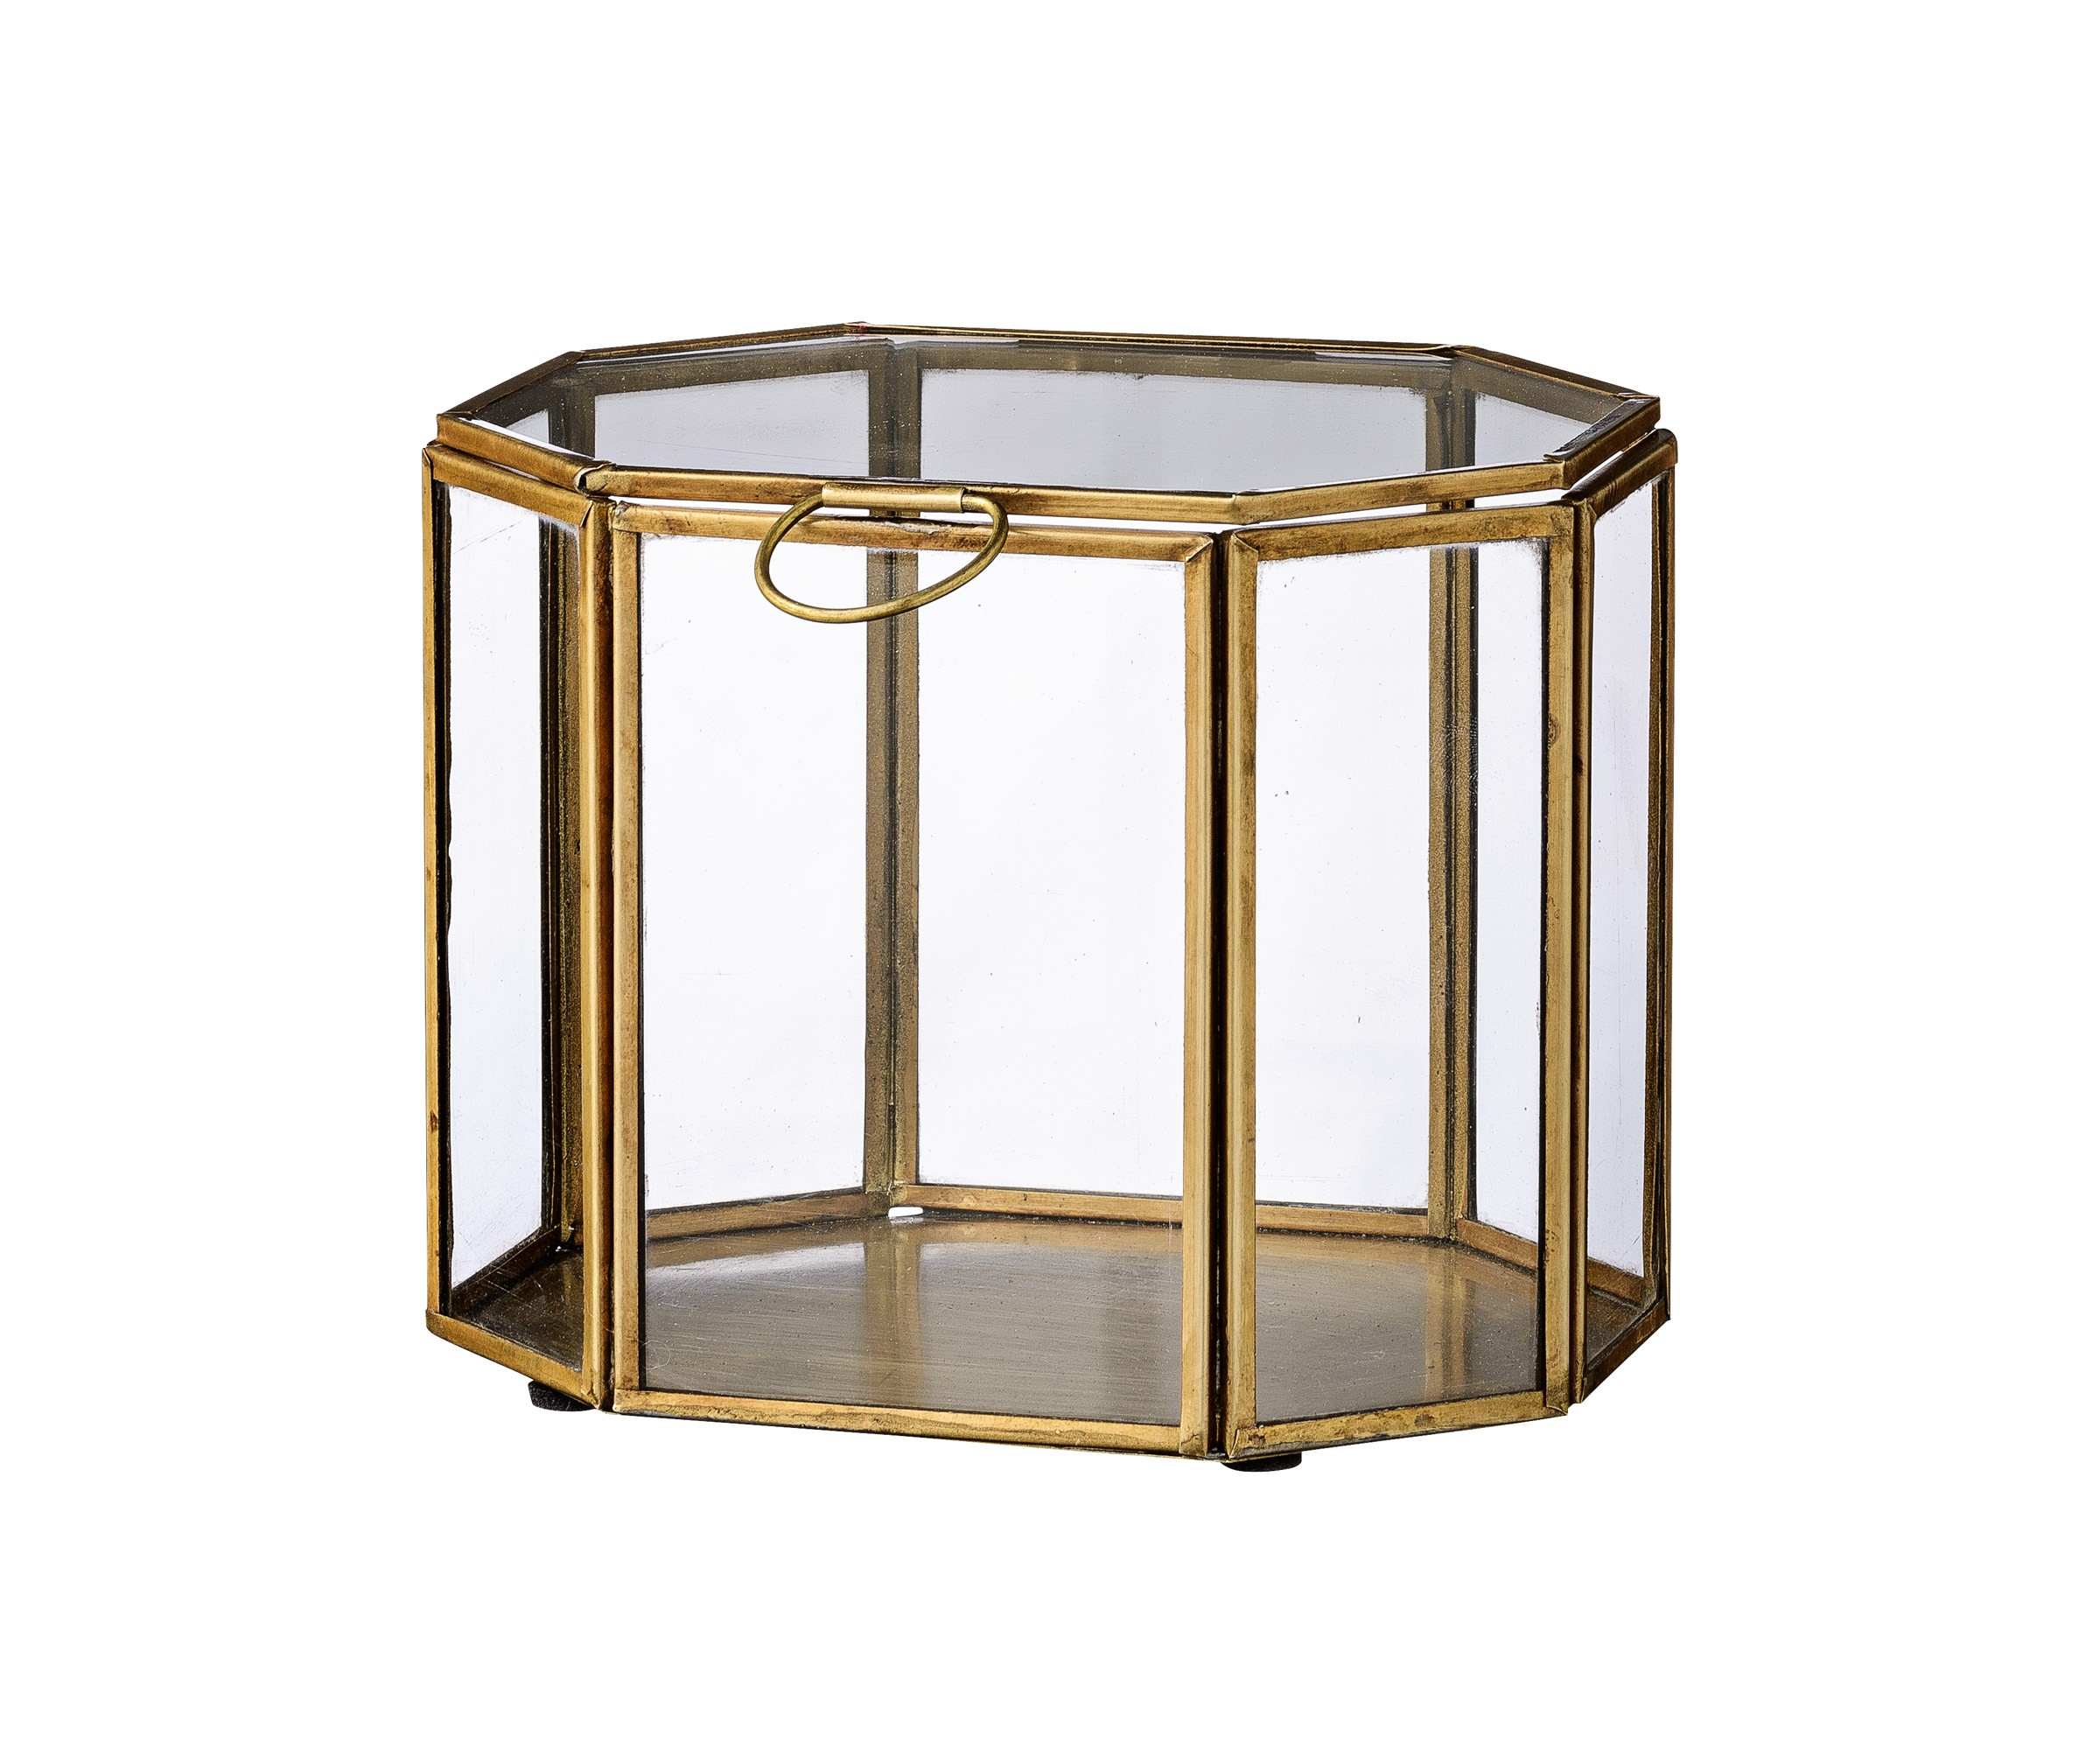 Шкатулка GoldШкатулки<br>Украсьте свой интерьер этой оригинальной шкатулкой. Стеклянные стенки элегантно обрамлены латунью, чтобы создать шикарный стиль. Идеальна как самостоятельный объект, так и для хранения внутри различных украшений, шкатулка станет прекрасным дополнением в любой комнате вашего дома.<br><br>Material: Латунь<br>Ширина см: 15<br>Высота см: 12<br>Глубина см: 12